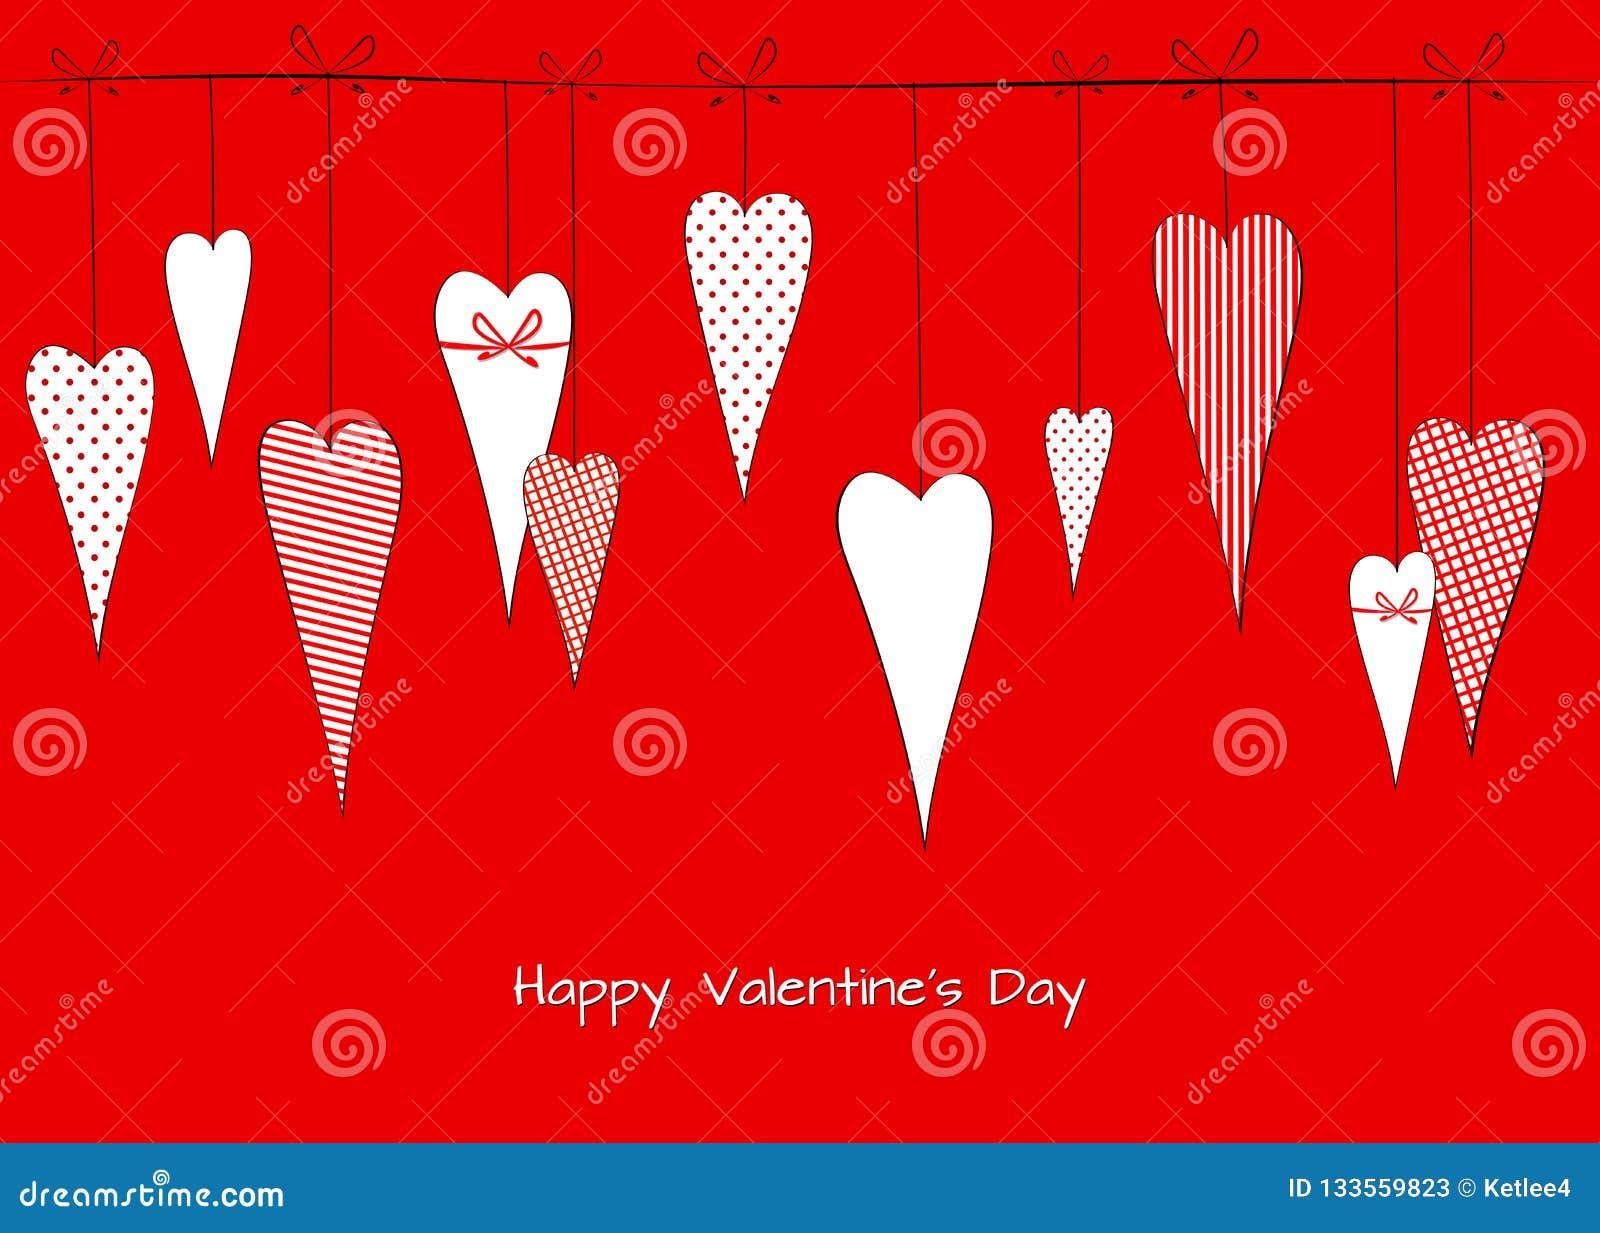 Картина с чертежом сердец doodles в горохах striped предпосылка клетки декоративная романтичная для карт свадьбы дня Валентайн